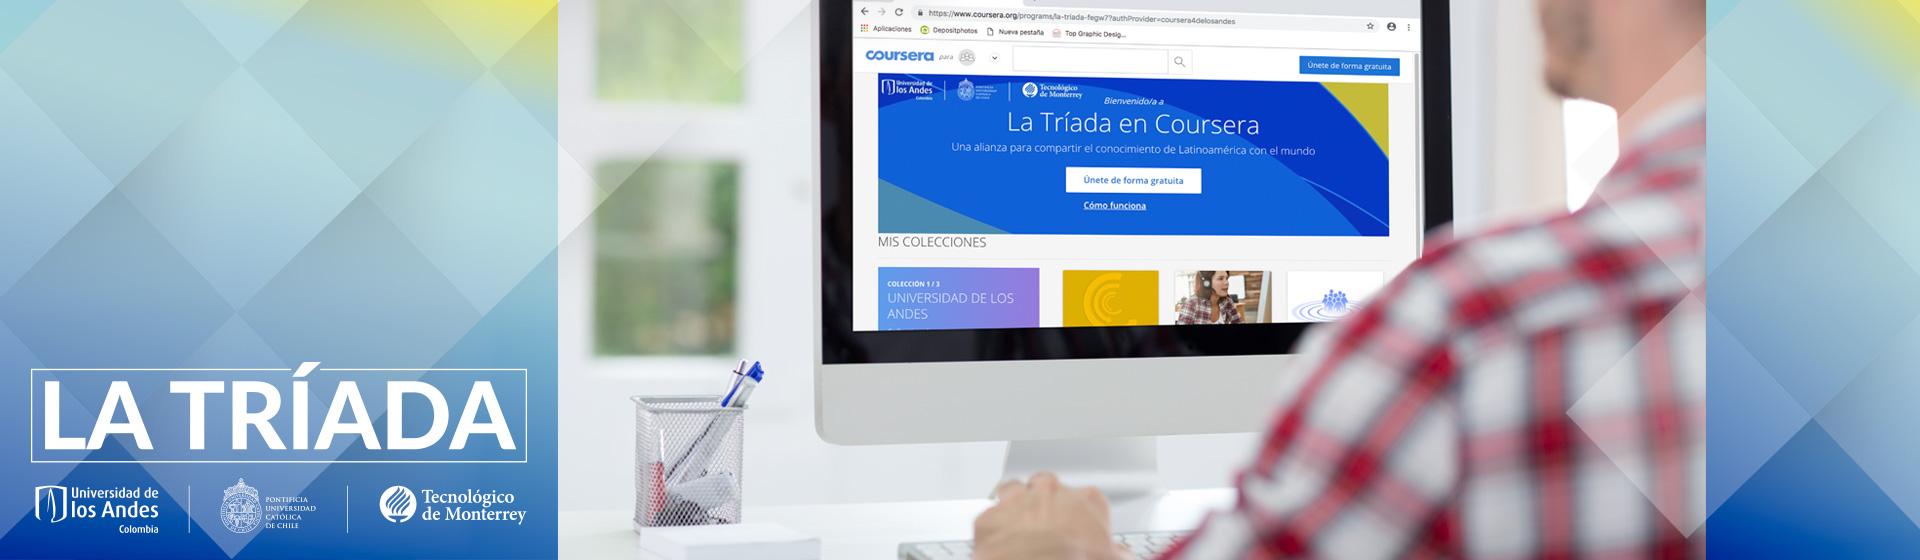 Imagen de un joven viendo el portal de La Tríada en Coursera for Partners